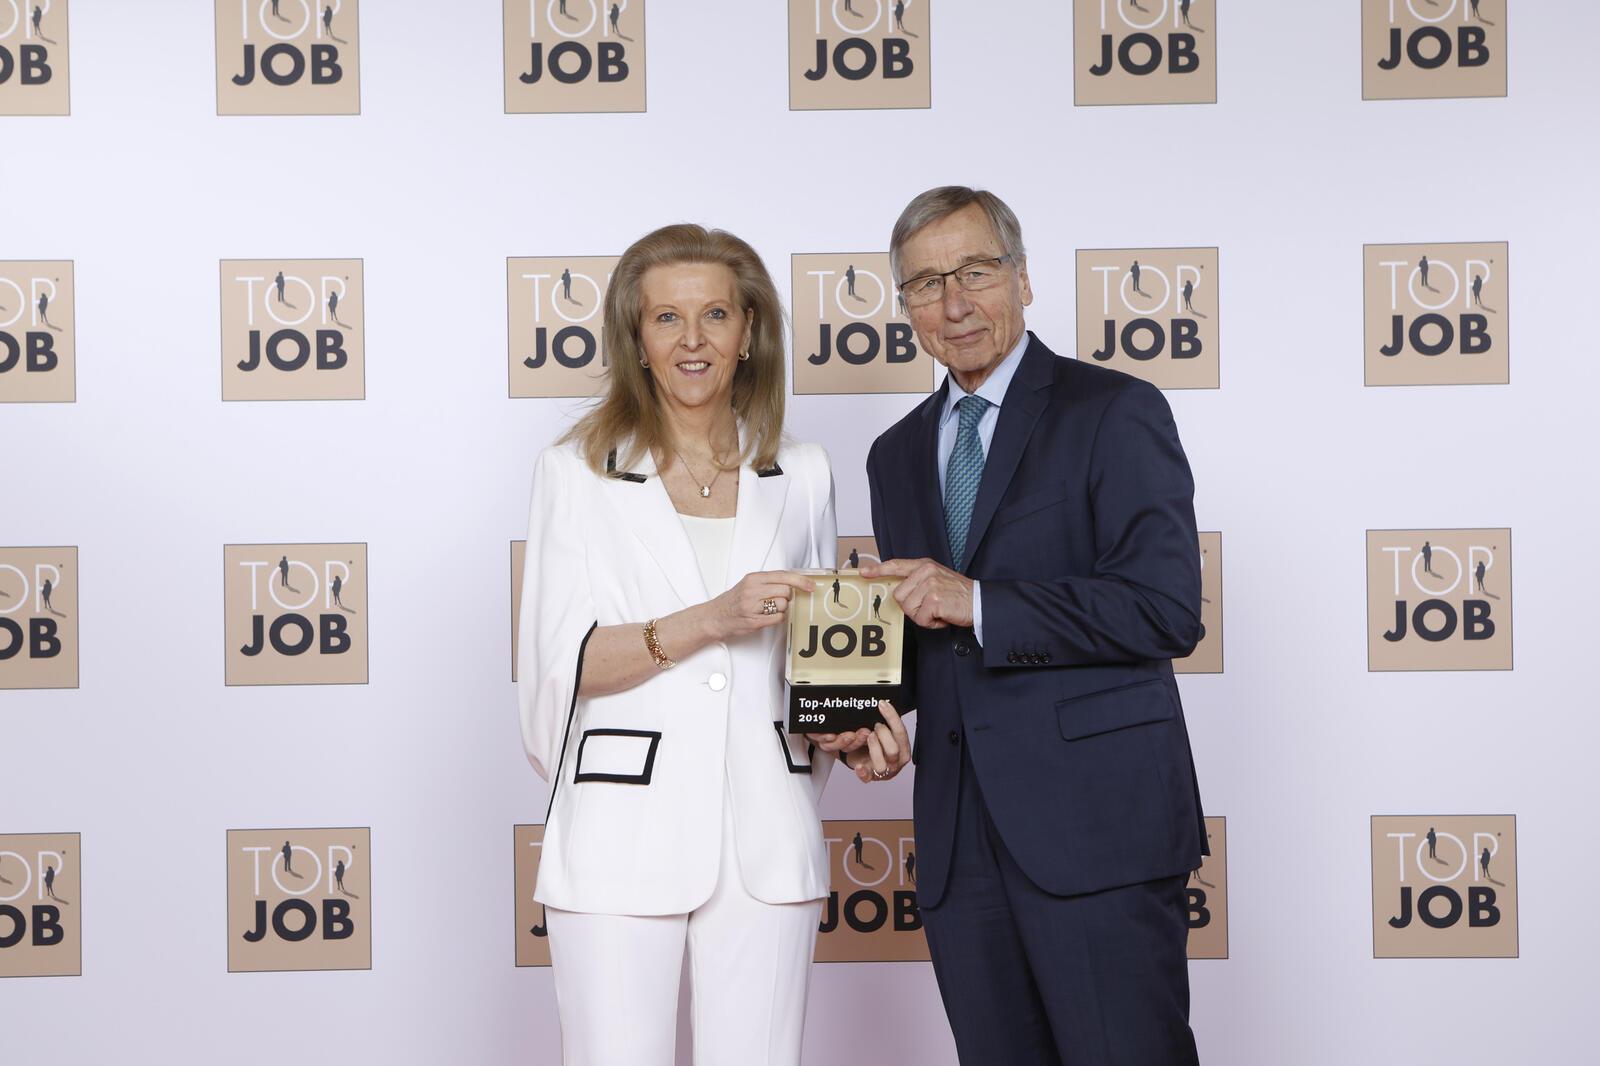 Susanne Gräfin Kesselstadt, geschäftsführende Gesellschafterin, erhält die Auszeichnung aus den Händen von Top-Job-Mentor Wolfgang Clement